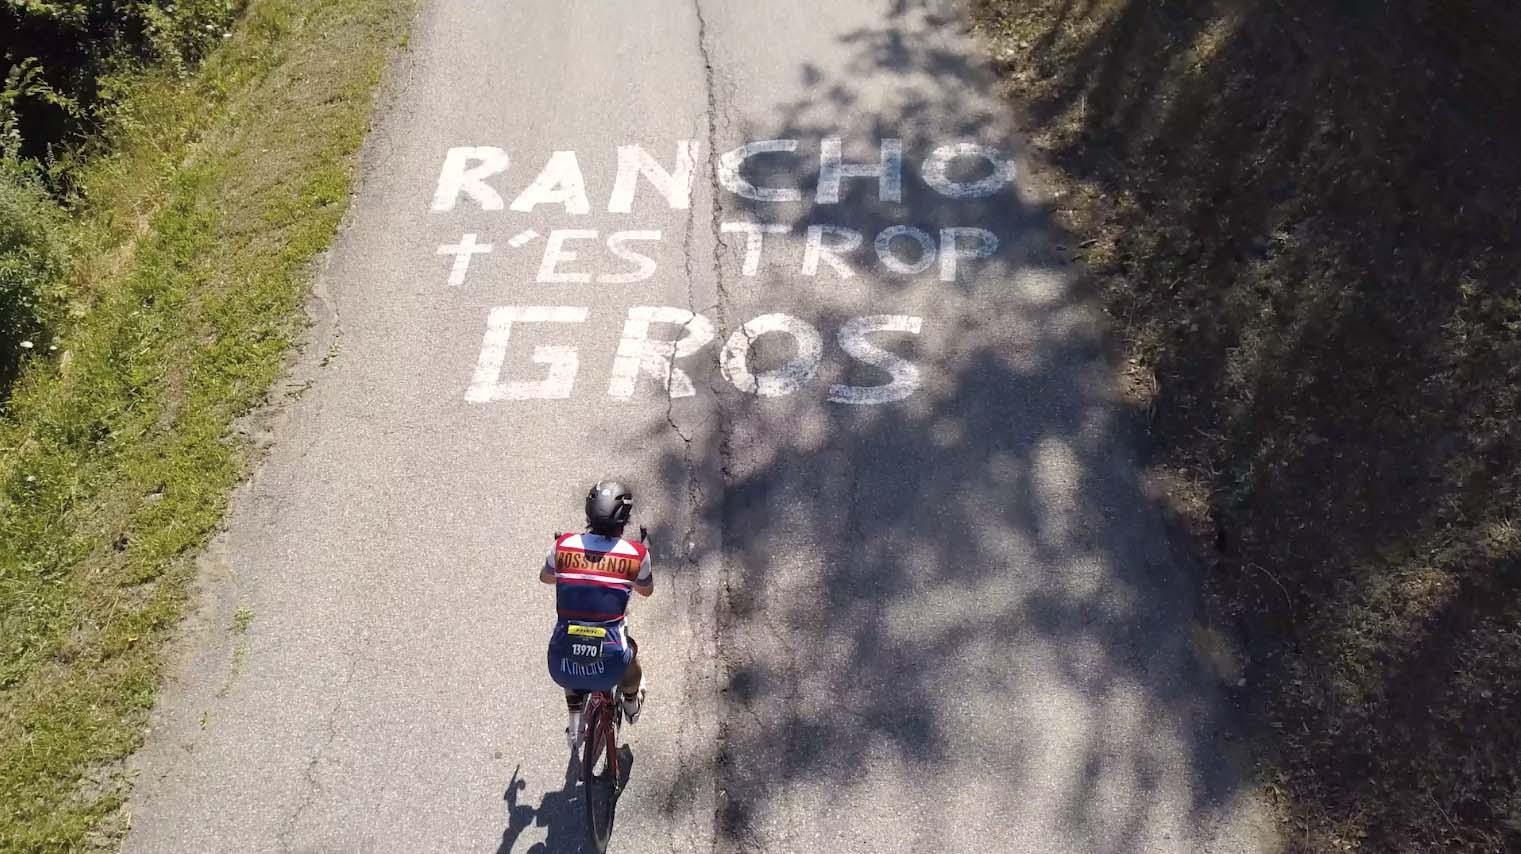 Rancho t'es trop gros